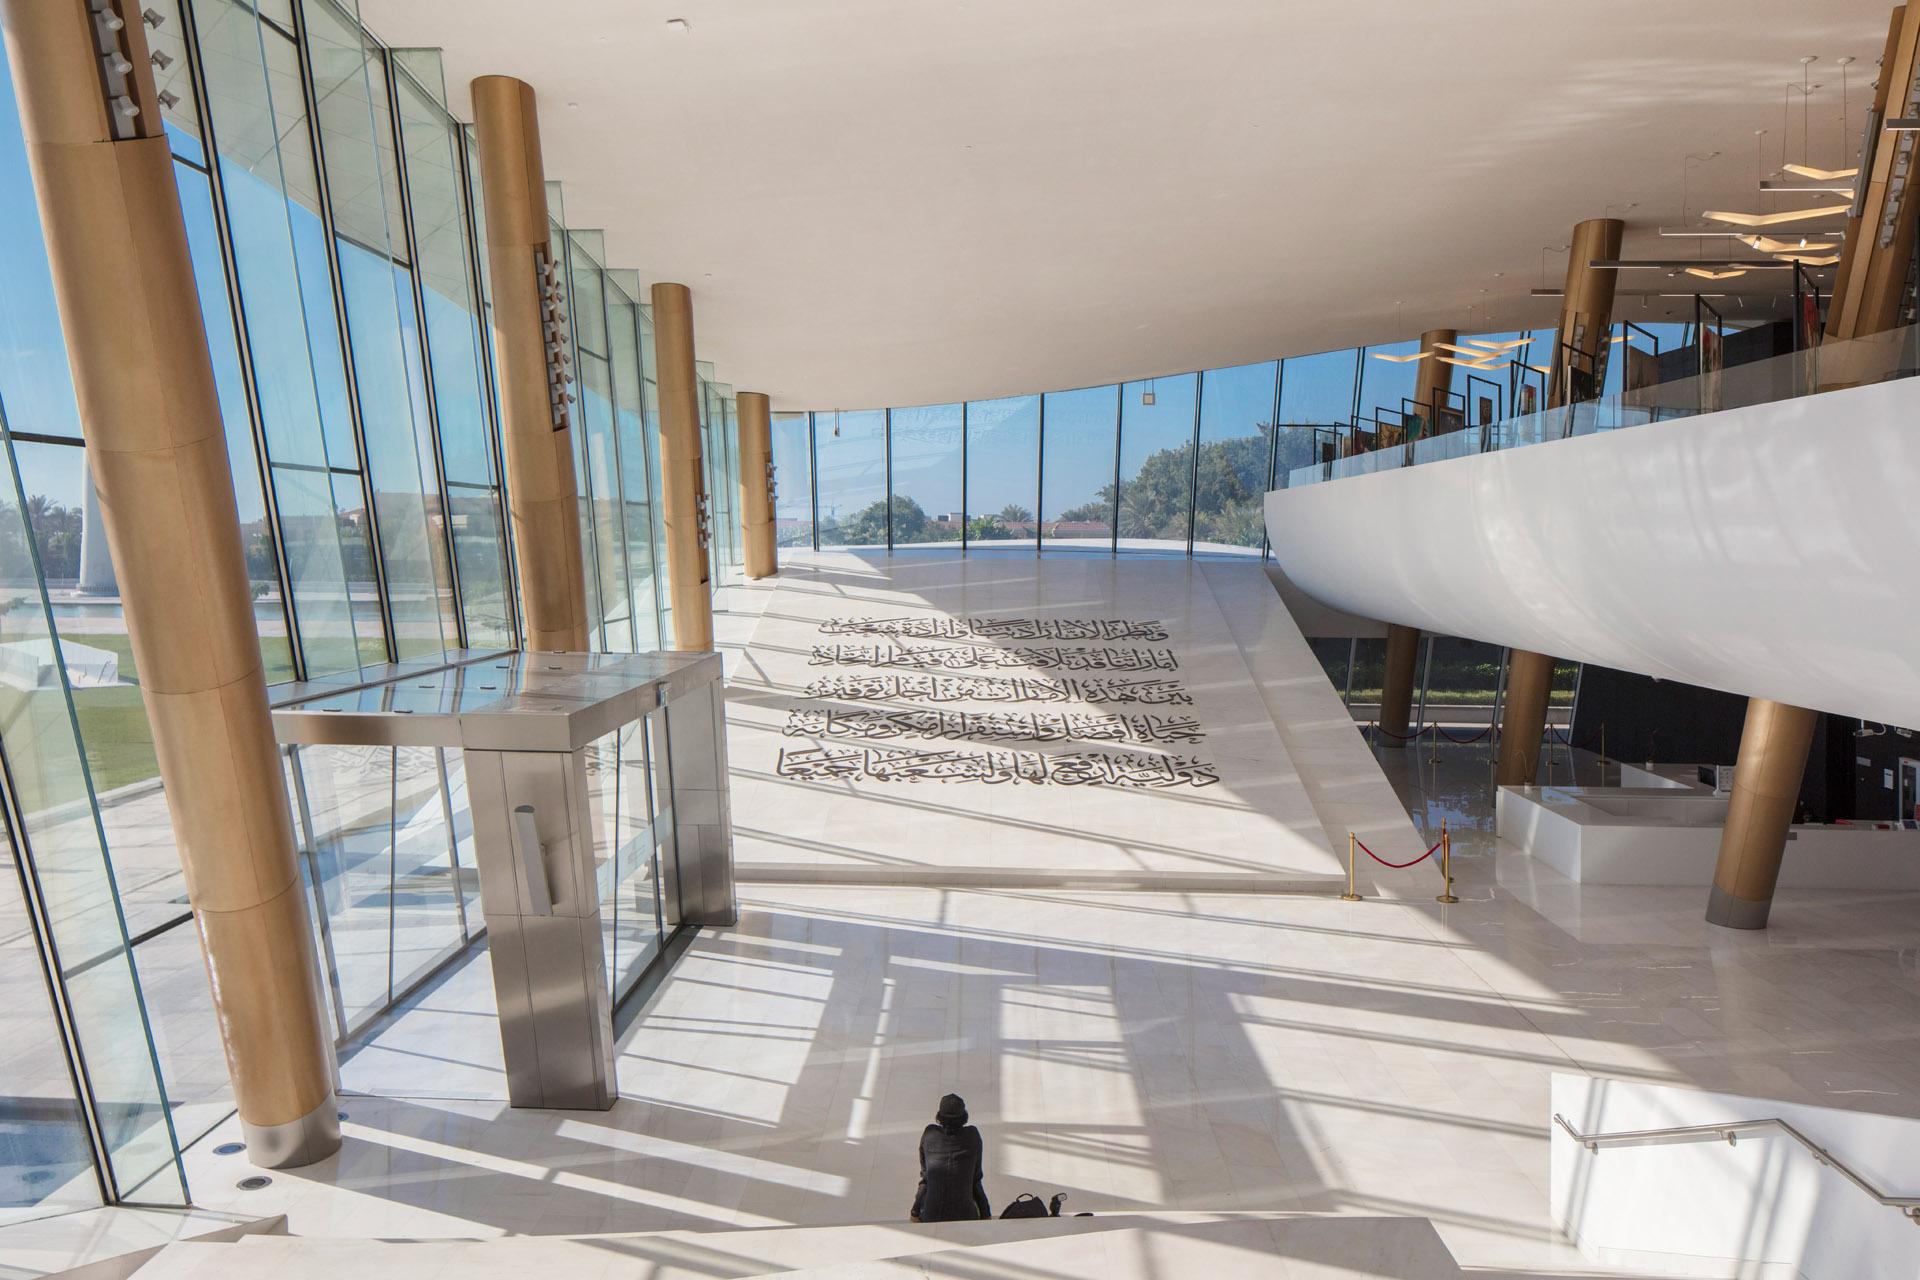 FL111 18 - ETIHAD MUSEUM